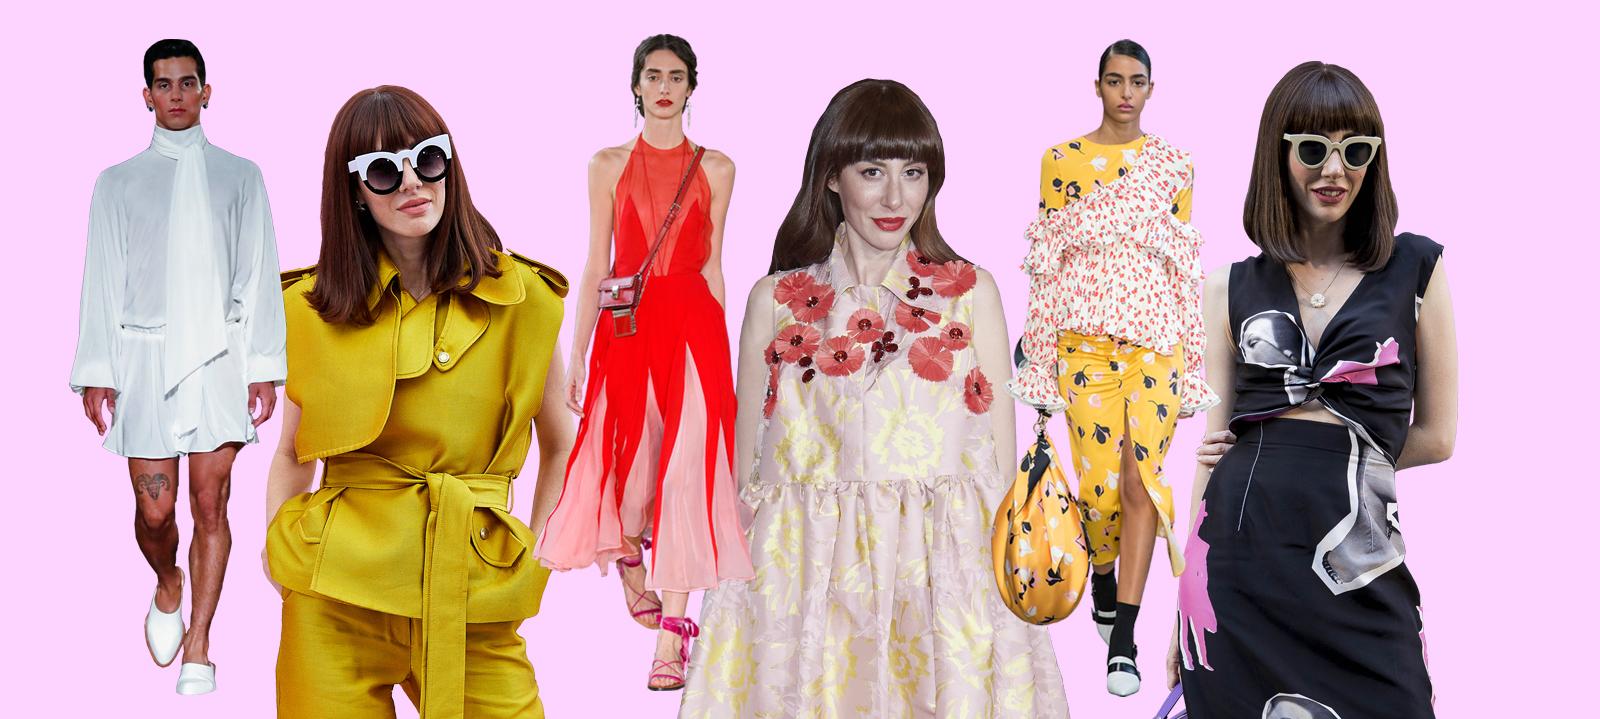 Un Podcast de Moda #5: Mitos de la moda que deberíamos enterrar hoy mismo (con Natalia Ferviú)